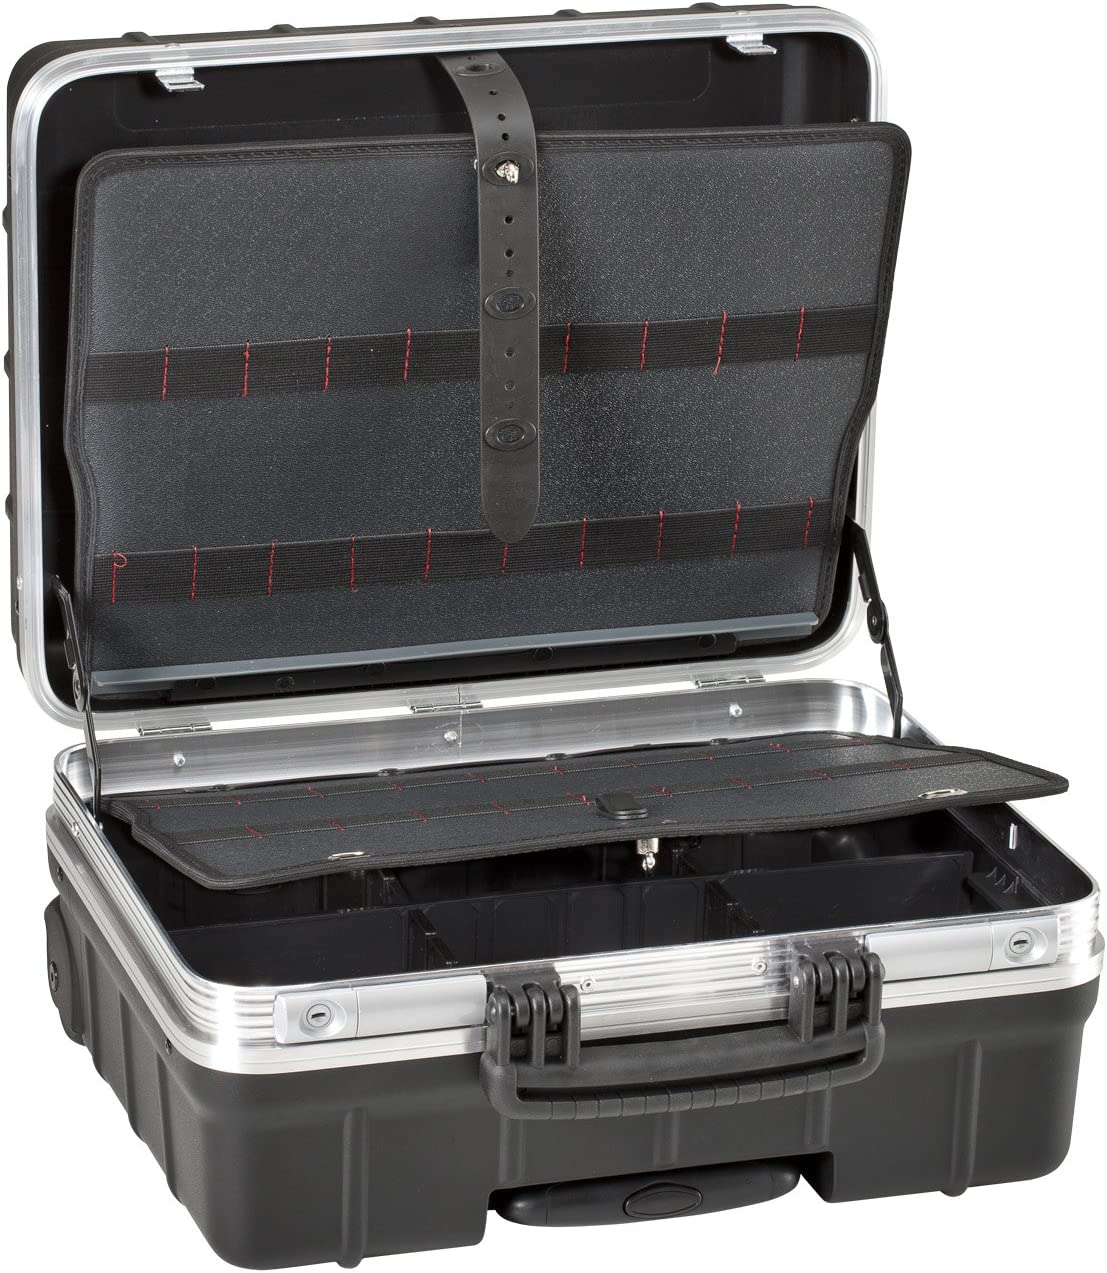 GT Line ATOMIKWHPEL Maleta portaherramientas con elásticos fabricada en polipropileno (interior 465 x 352 x 255 mm)